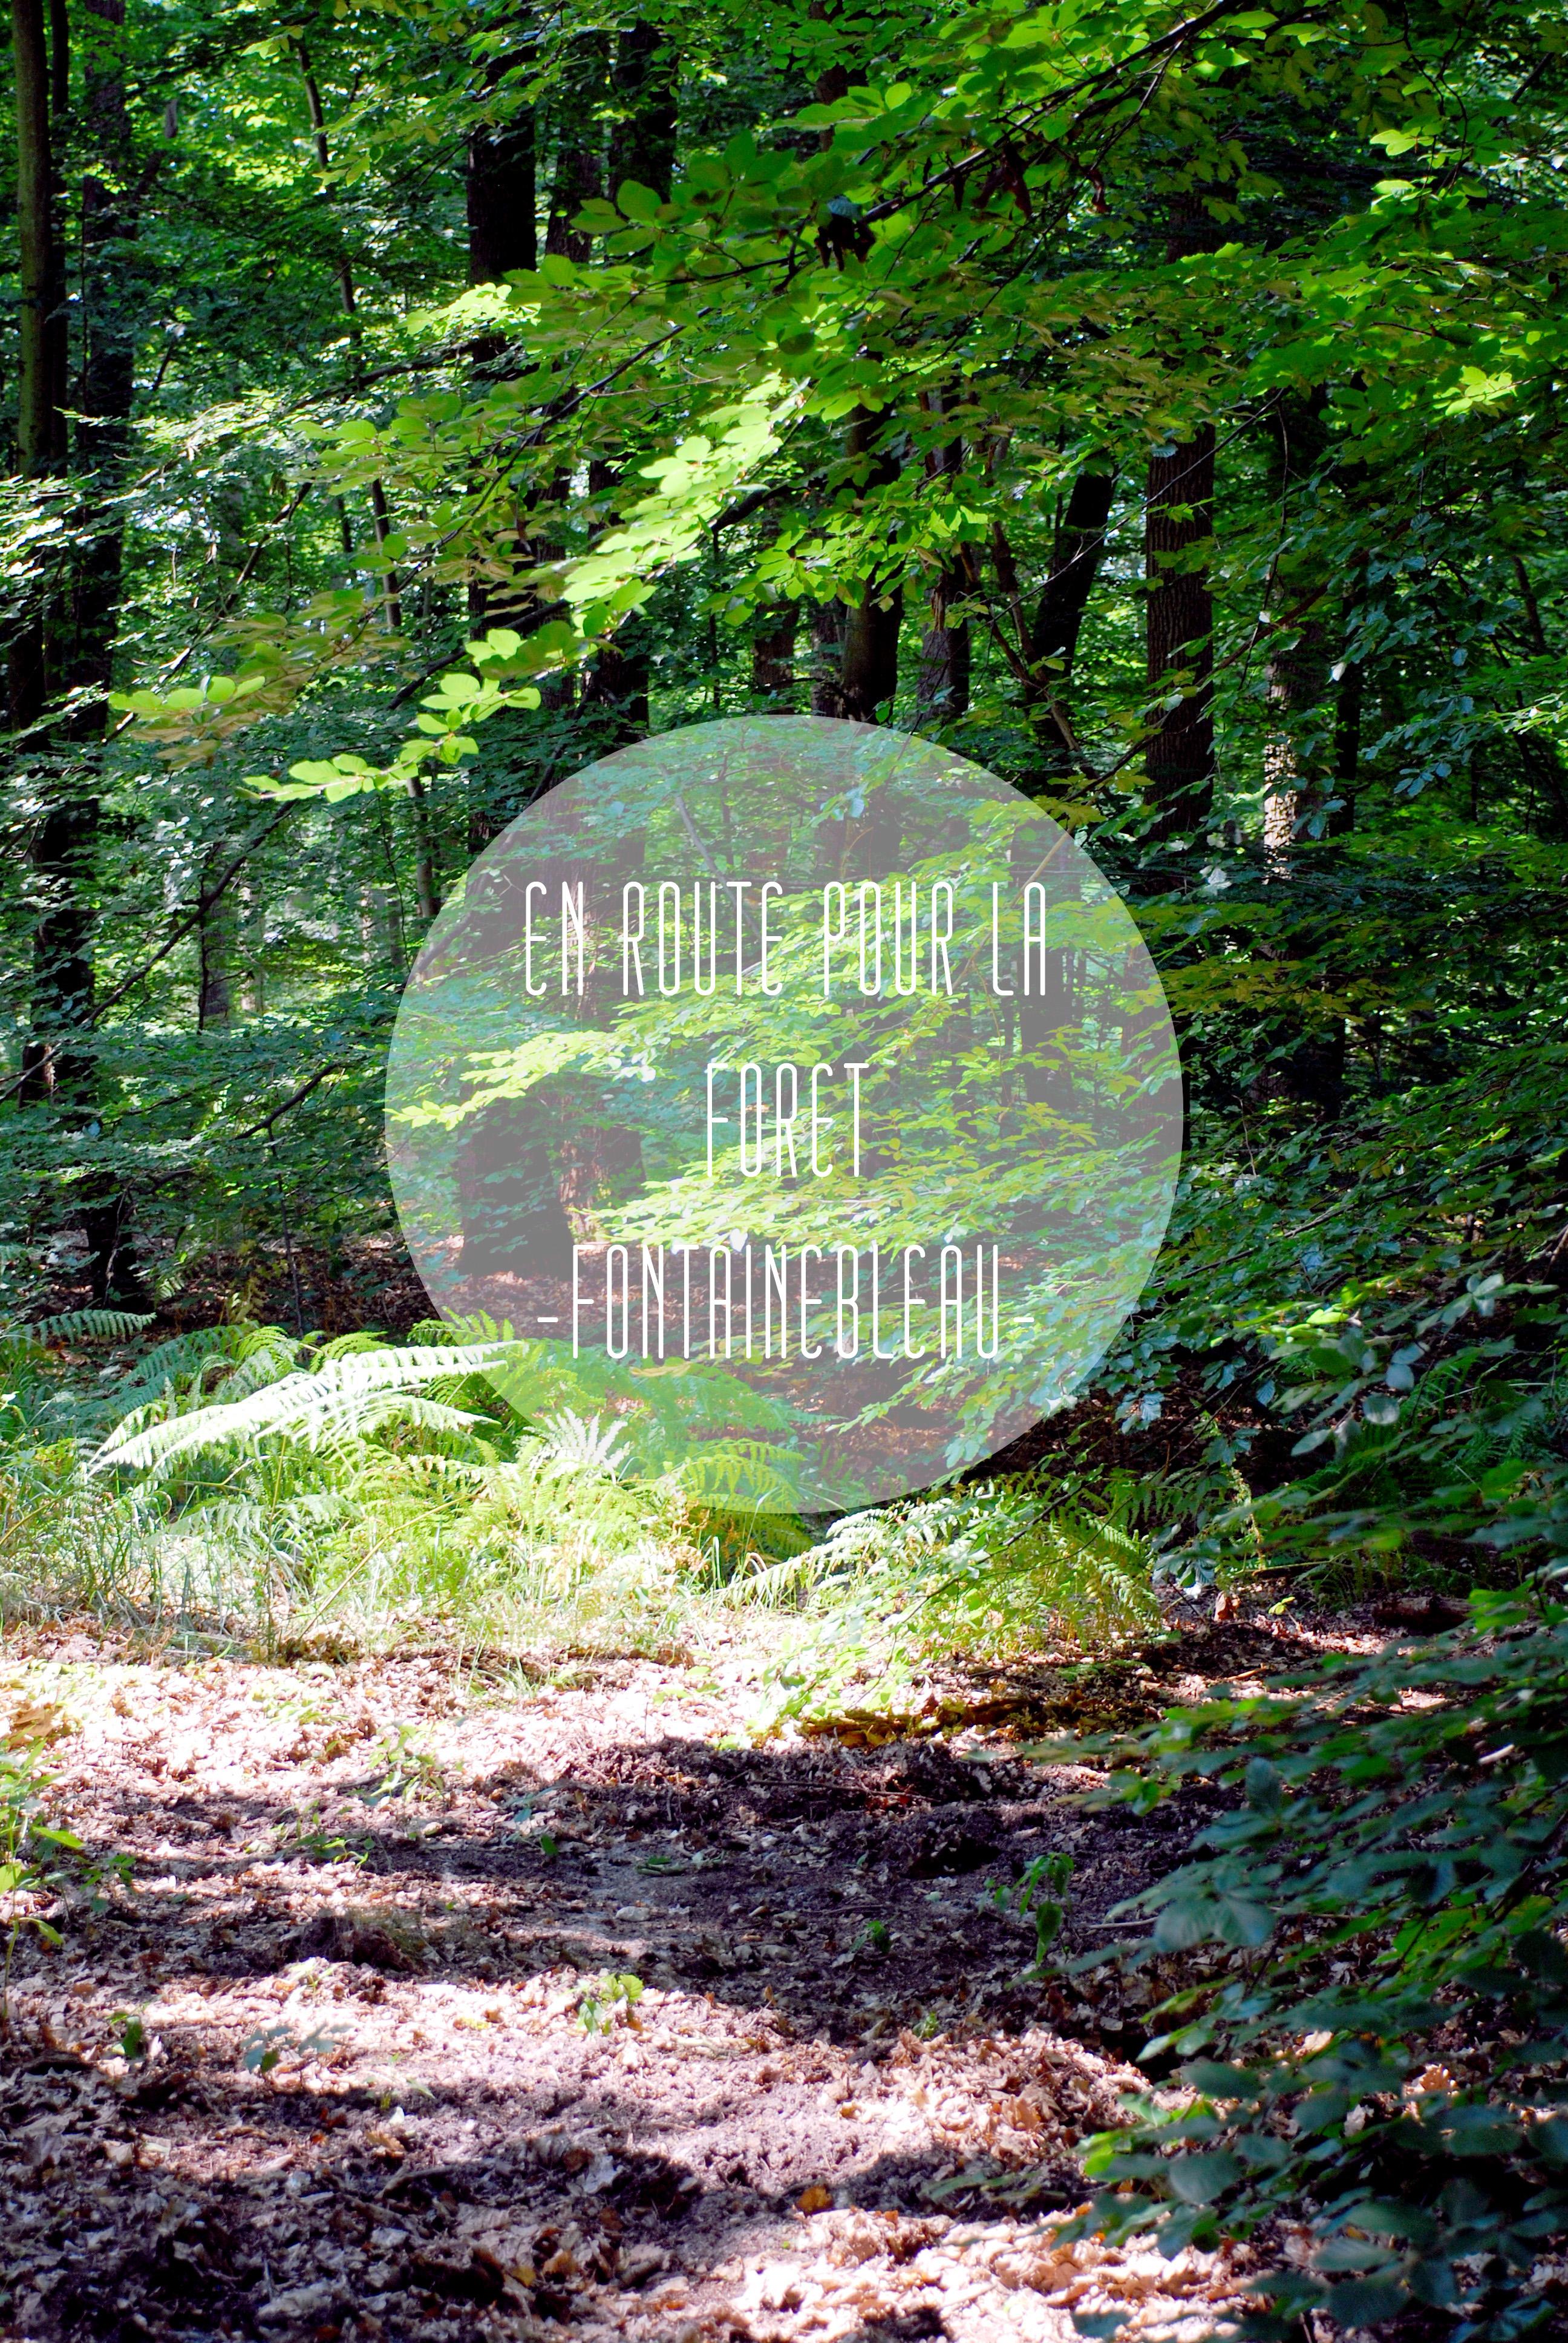 fontainebleau-paris-foret-idee-escapade-voyage-by-le-polyedre_VISUEL